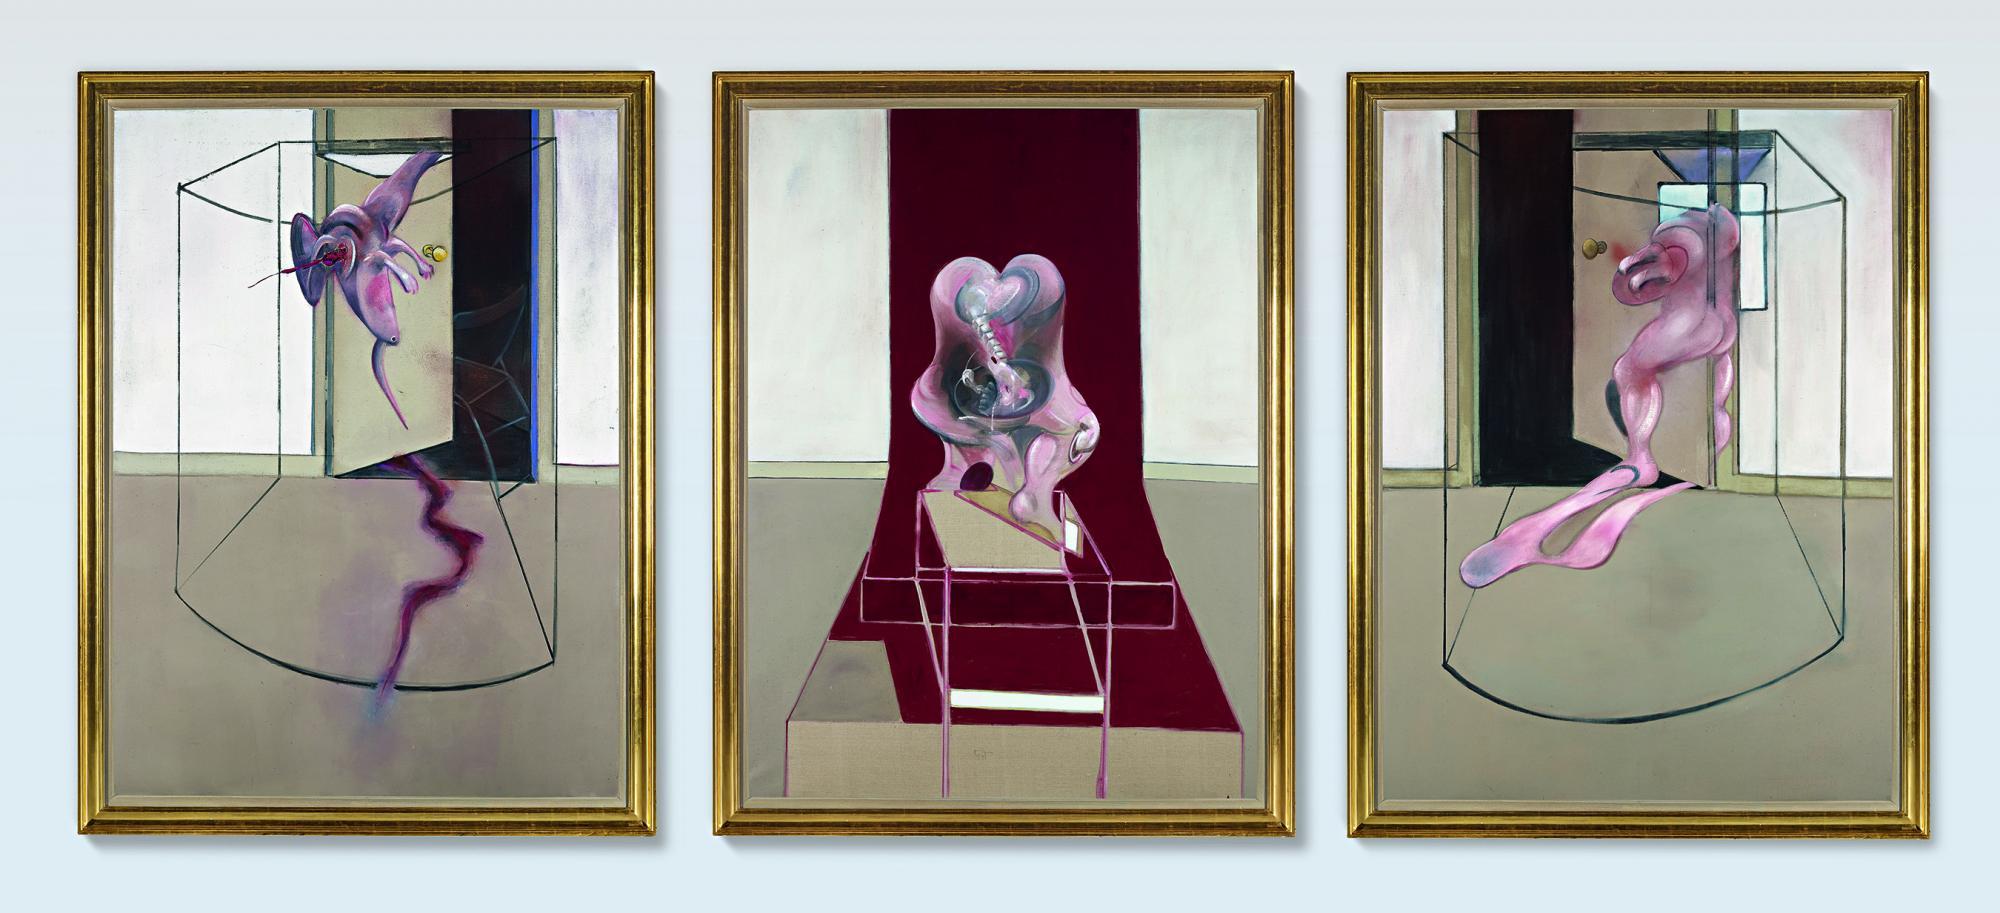 弗朗西斯・培根(Francis Bacon),《啟發自艾斯奇勒斯〈奧瑞斯提亞〉之三聯作(Triptych Inspired by the Oresteia of Aeschylus)》,1981。